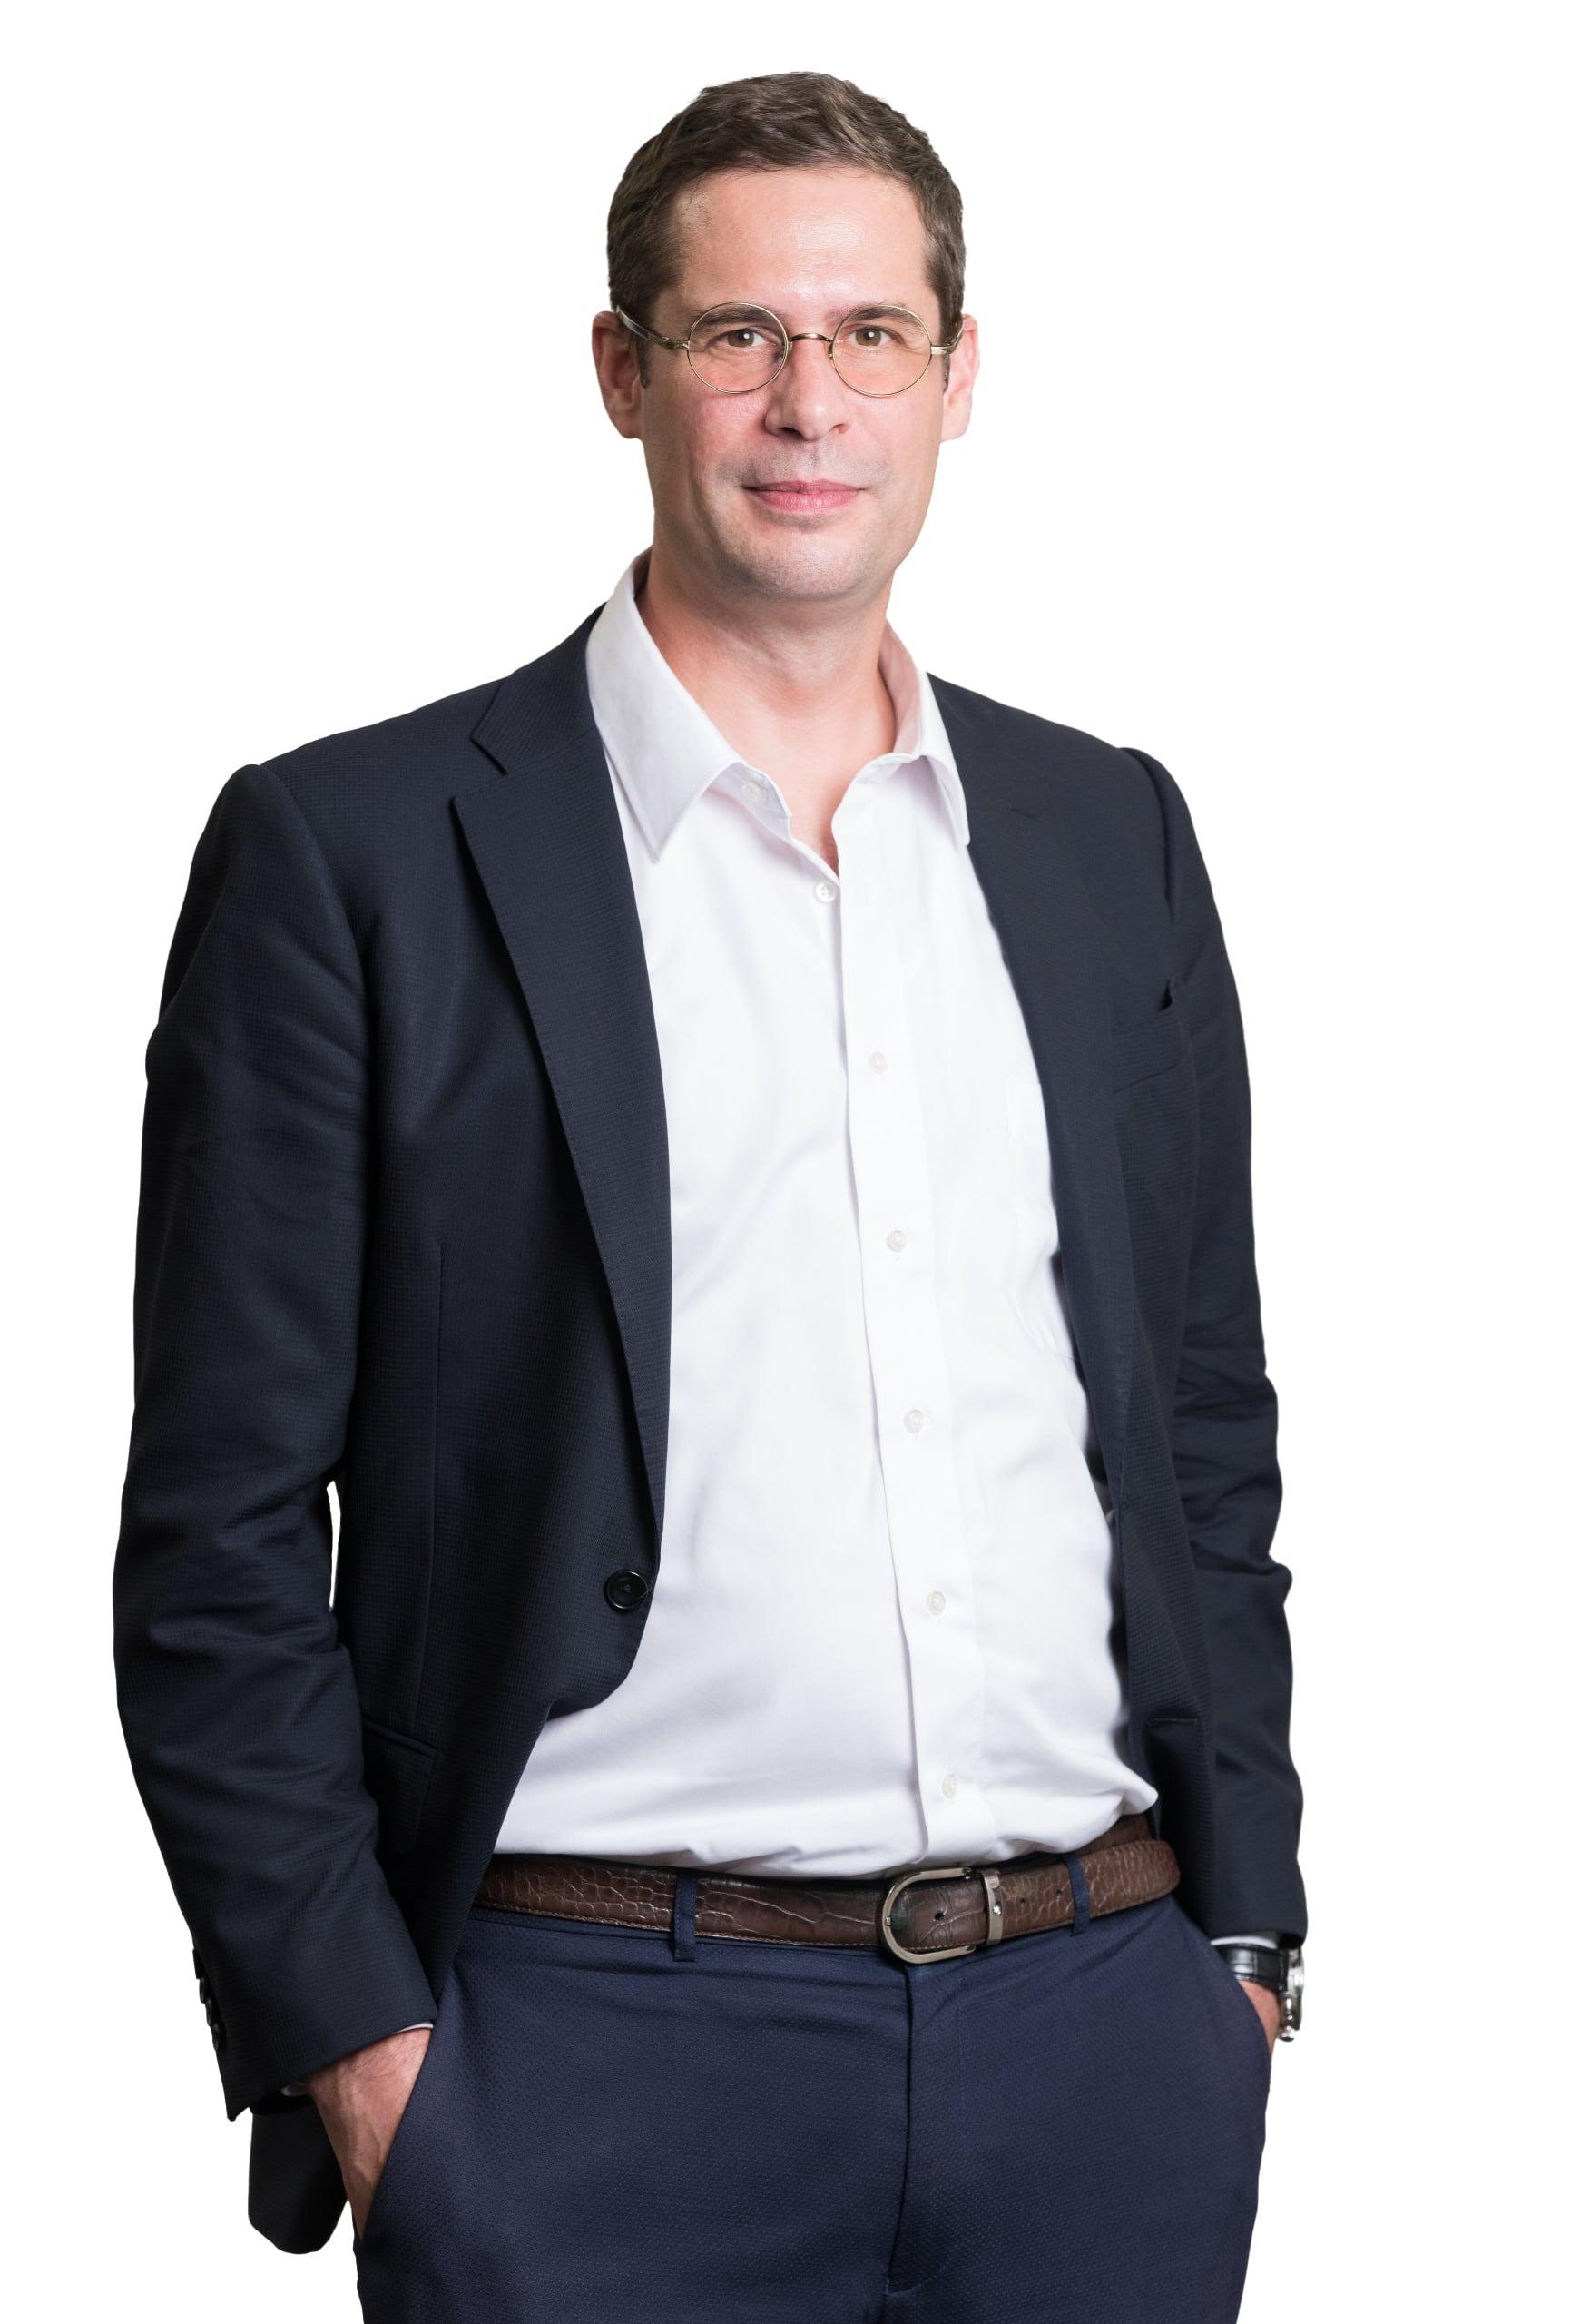 Willem Otsuji-Kra